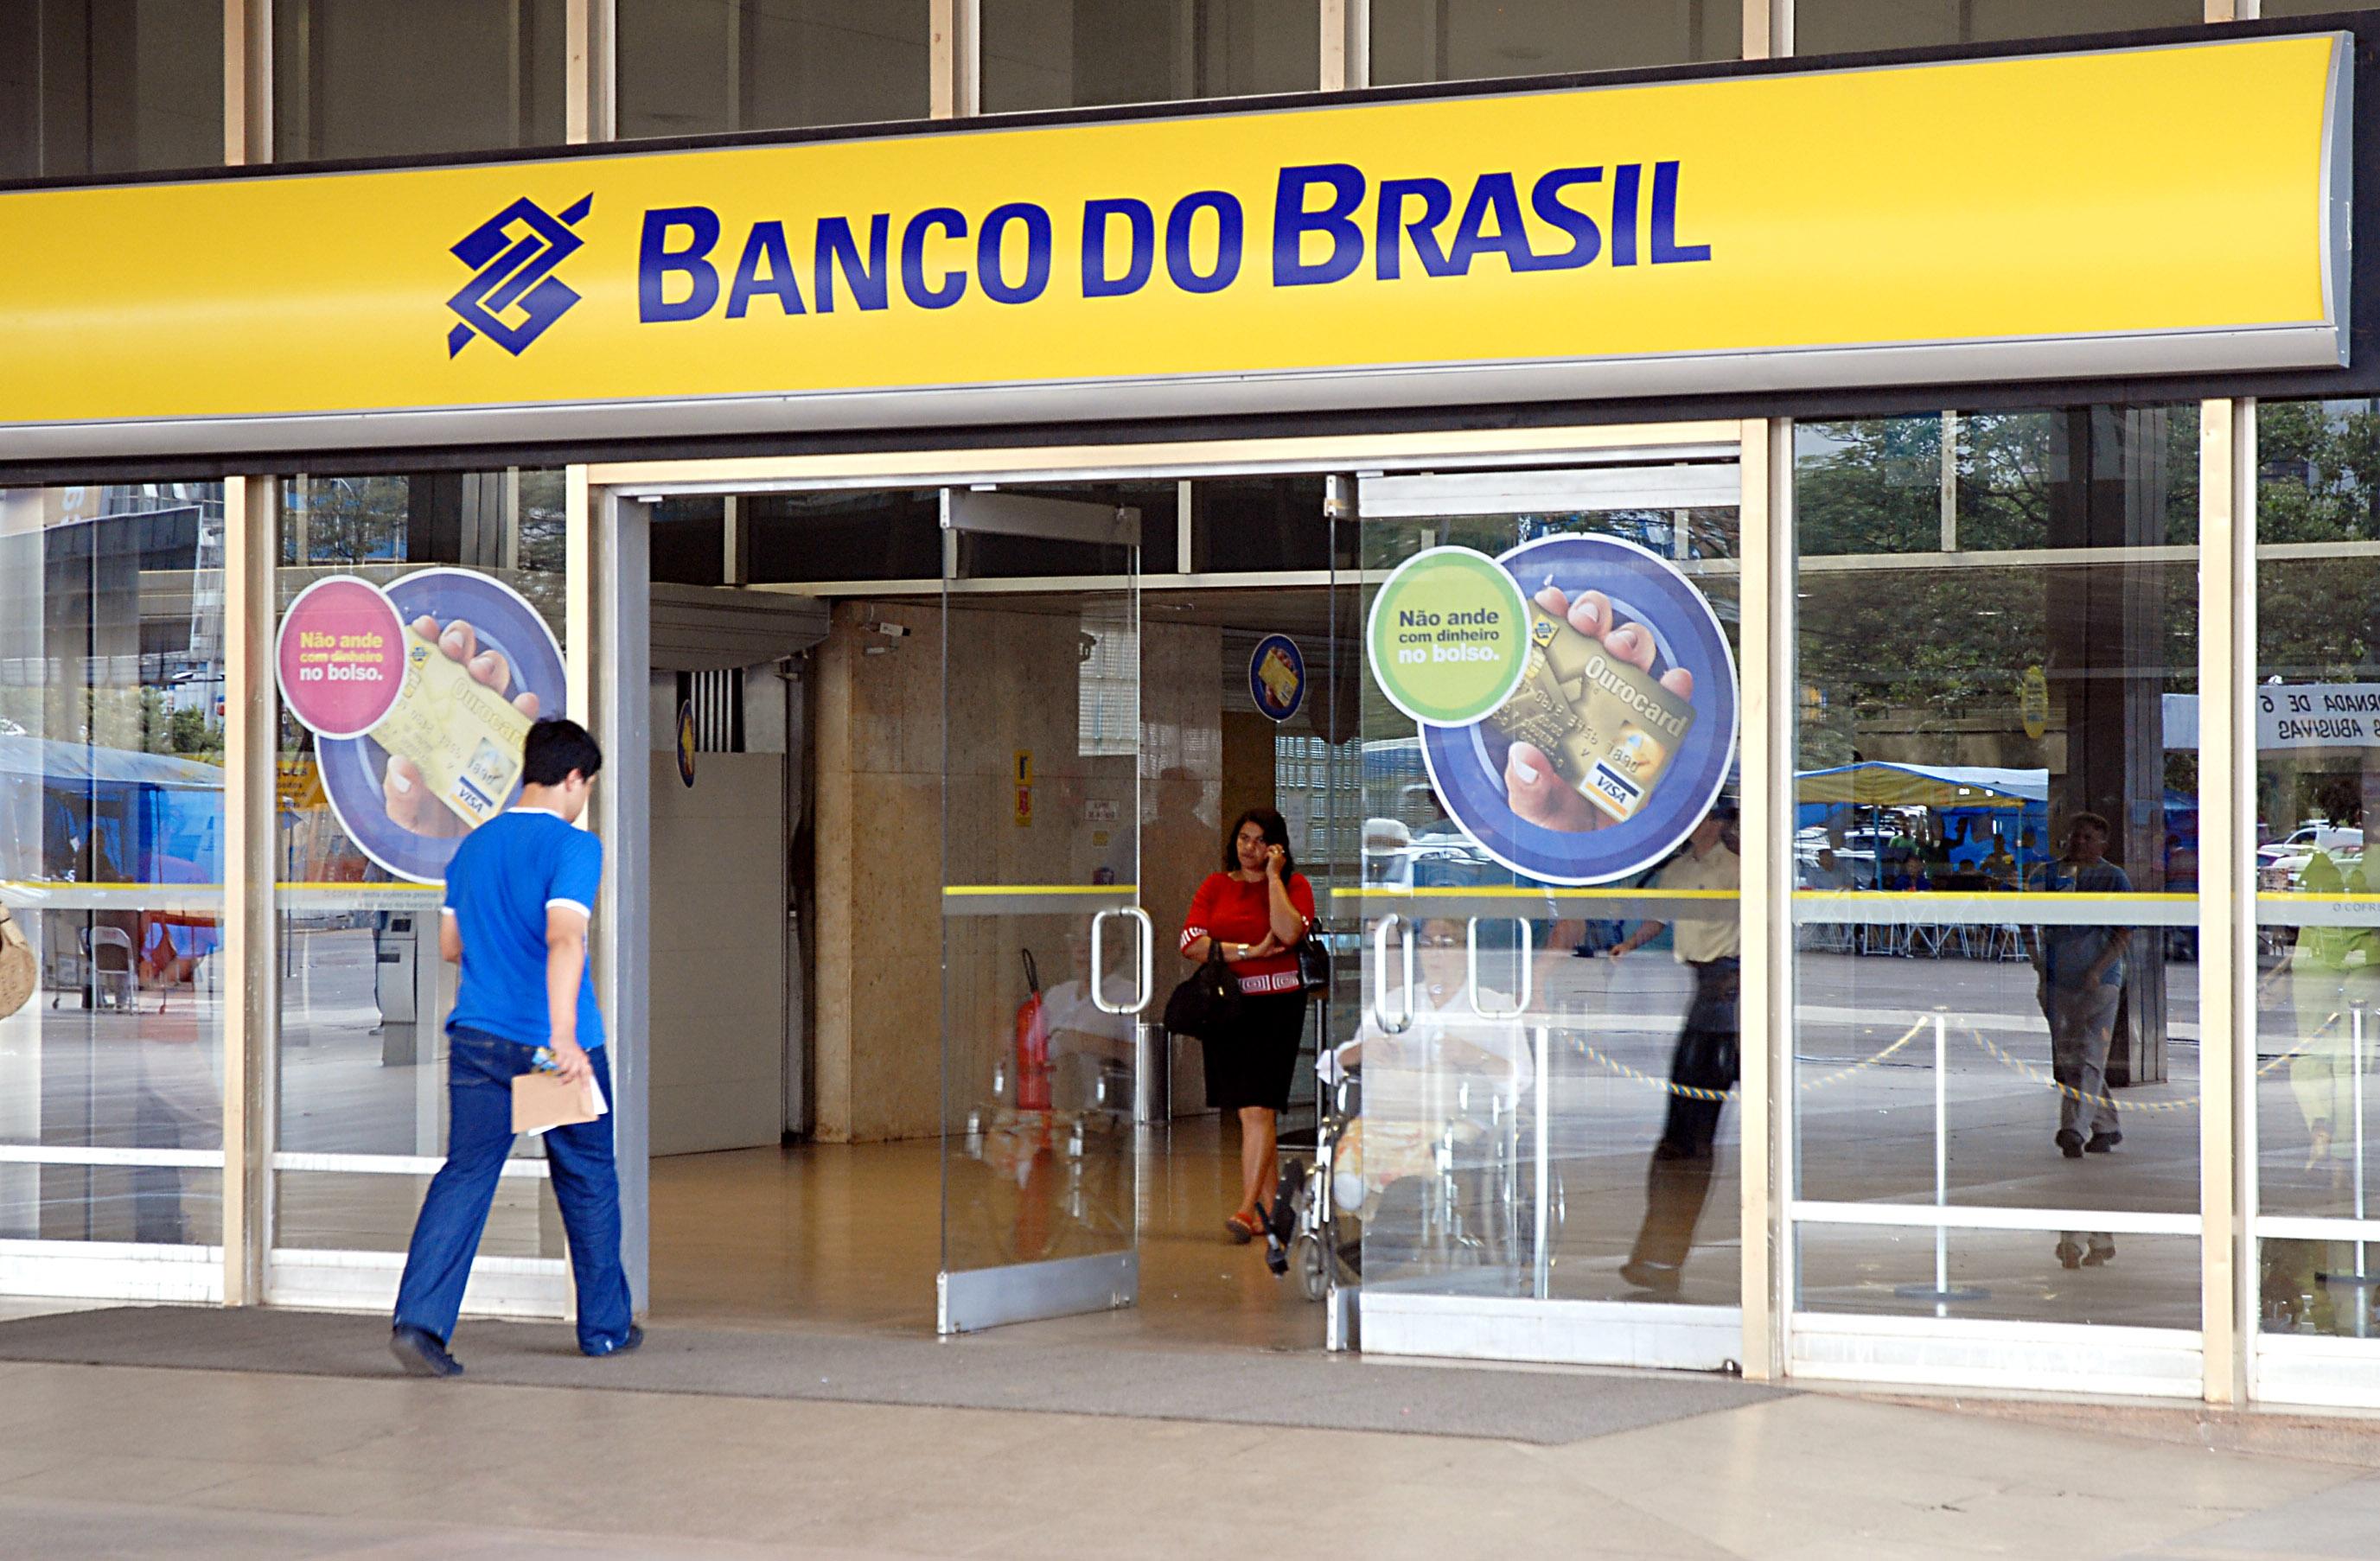 Os resultados incluem Bradesco, Banco do Brasil, Itaú Unibanco, Santander Brasil e Caixa. Foto: Reprodução/Internet